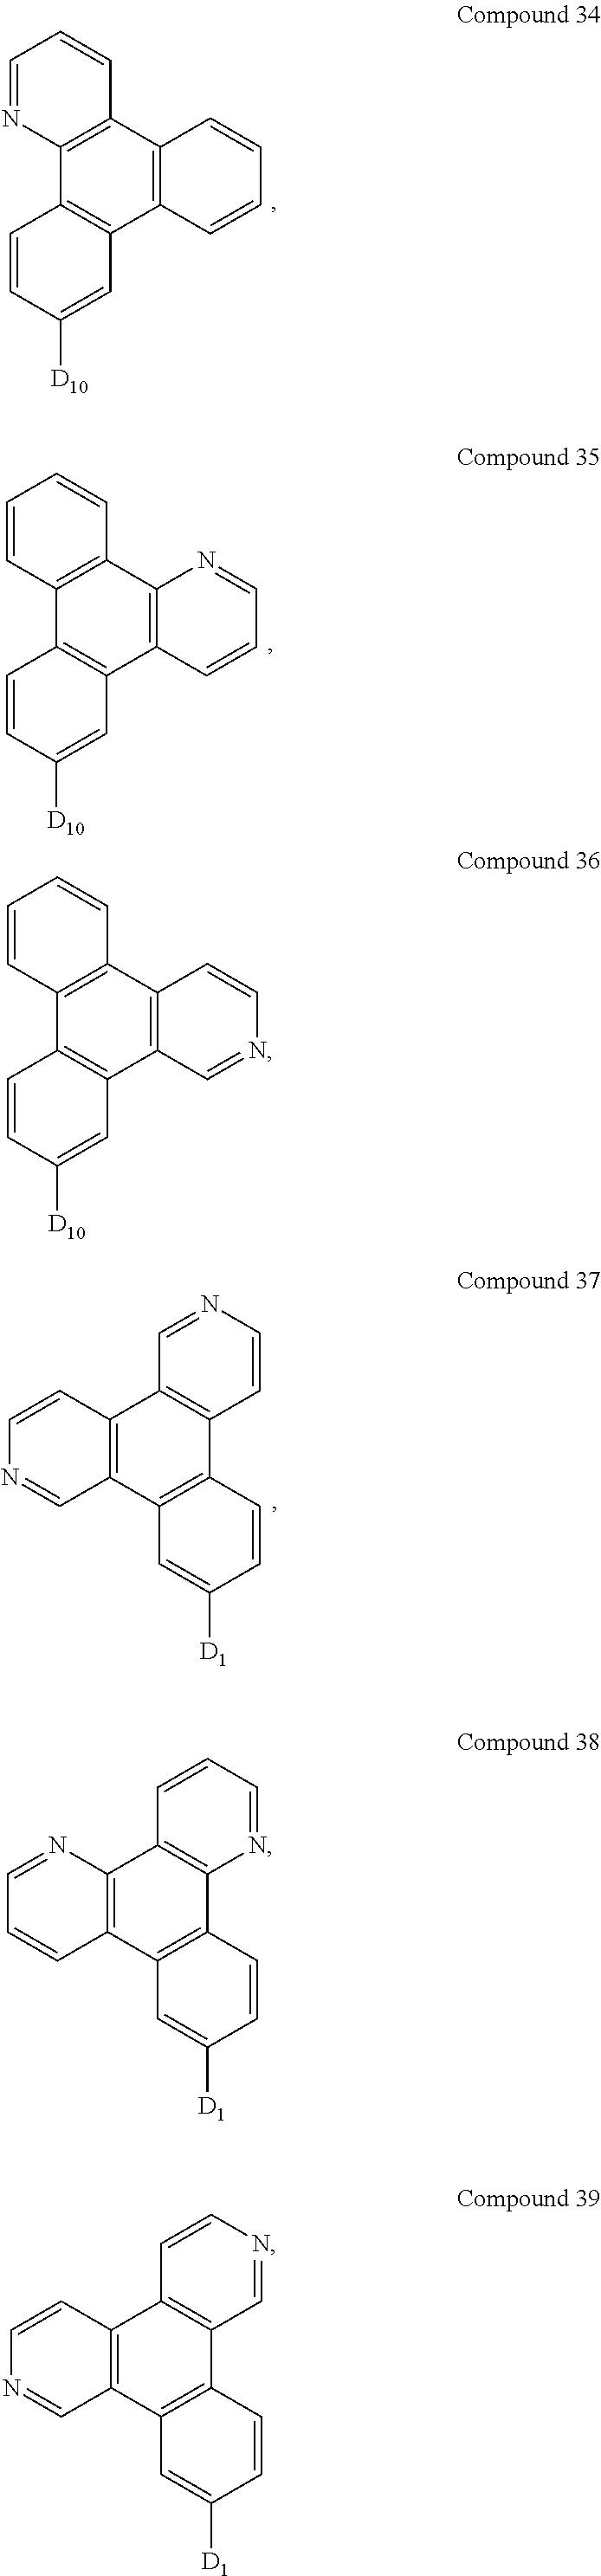 Figure US09537106-20170103-C00060